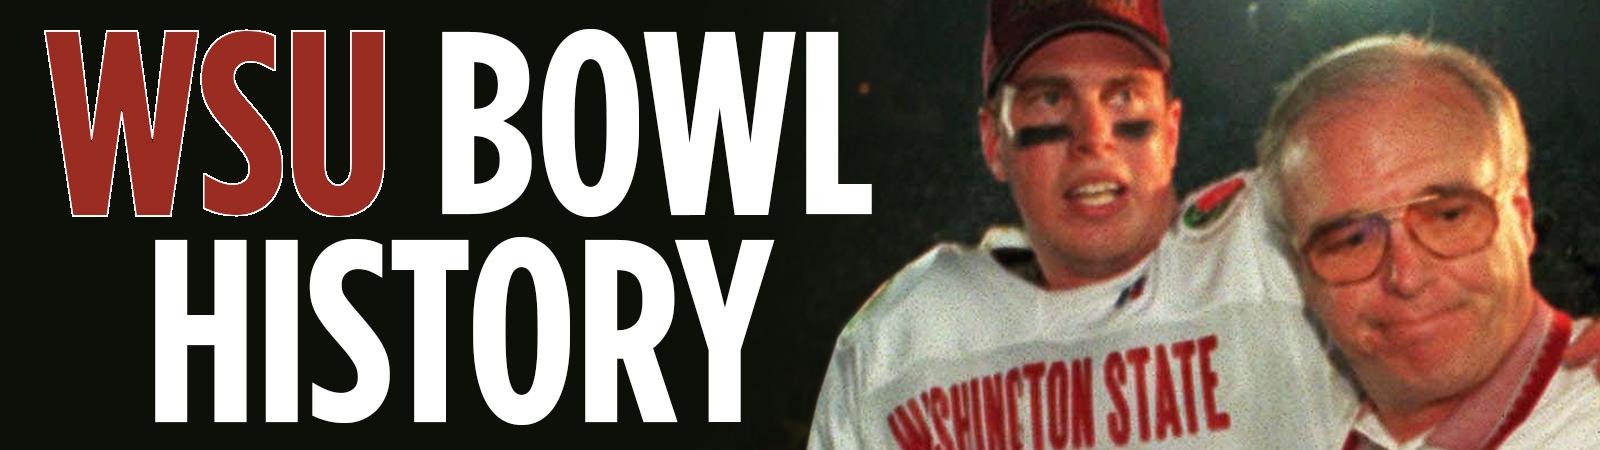 WSU bowl history